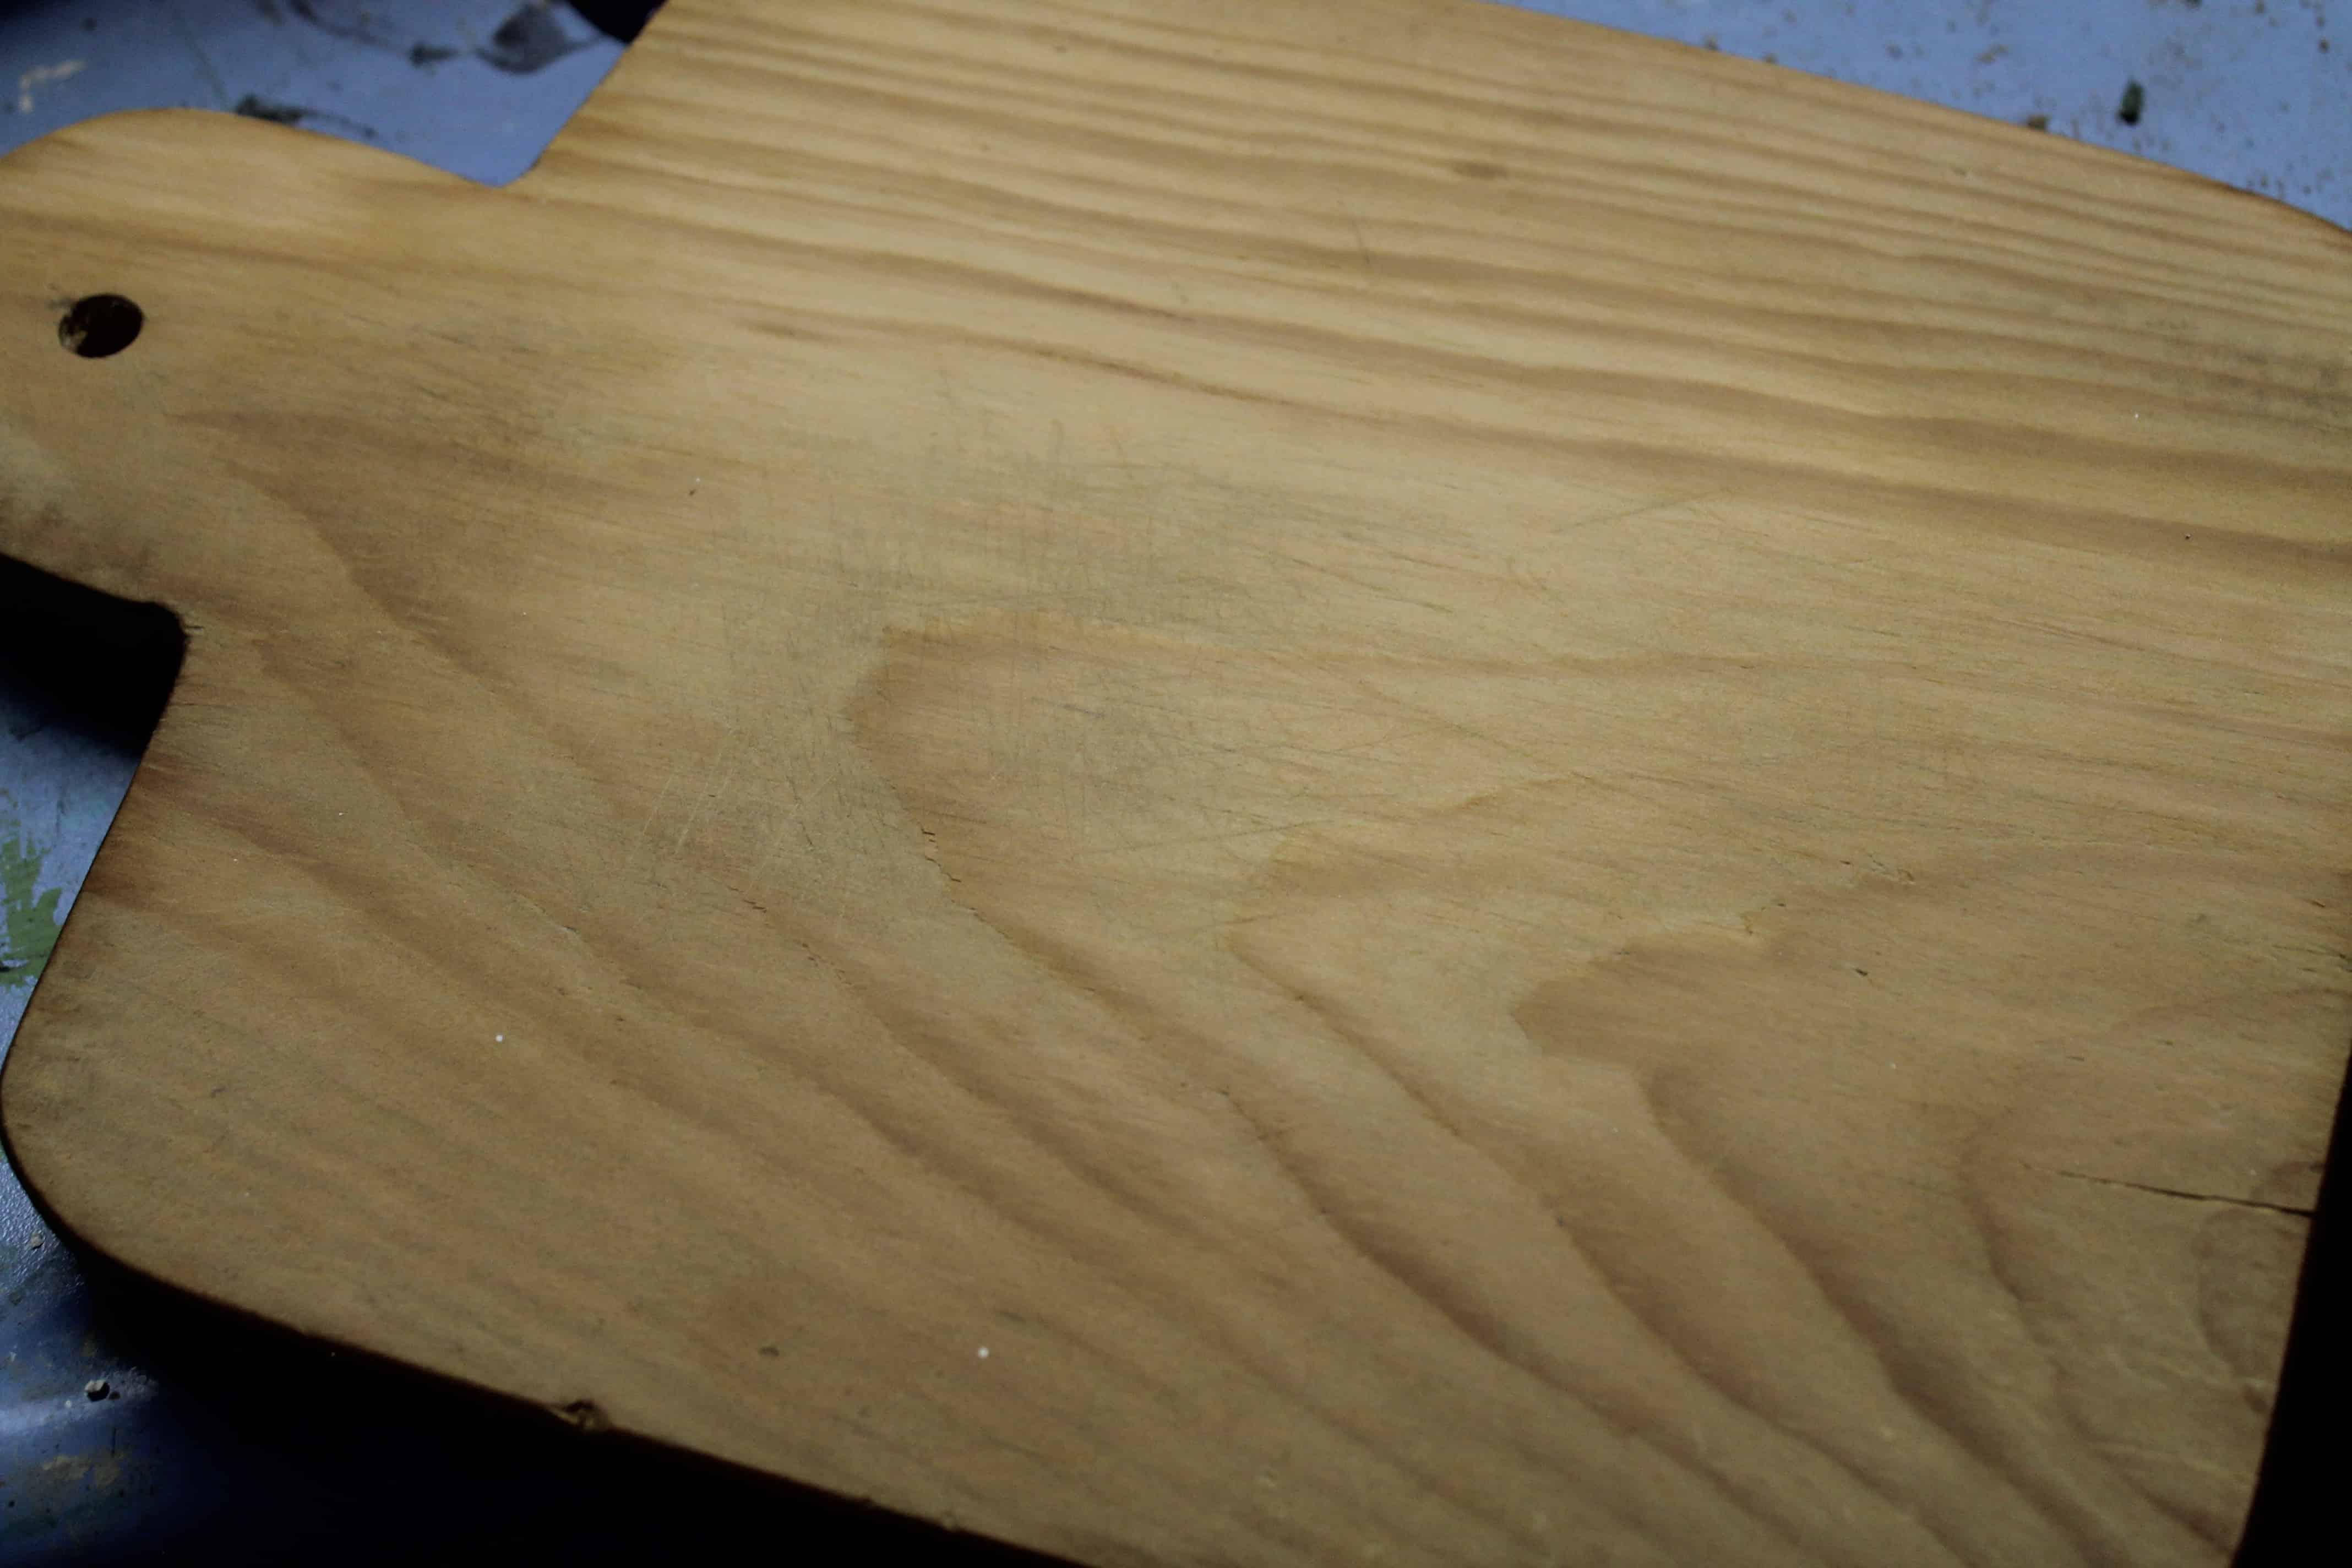 Bread board after sanding (2)